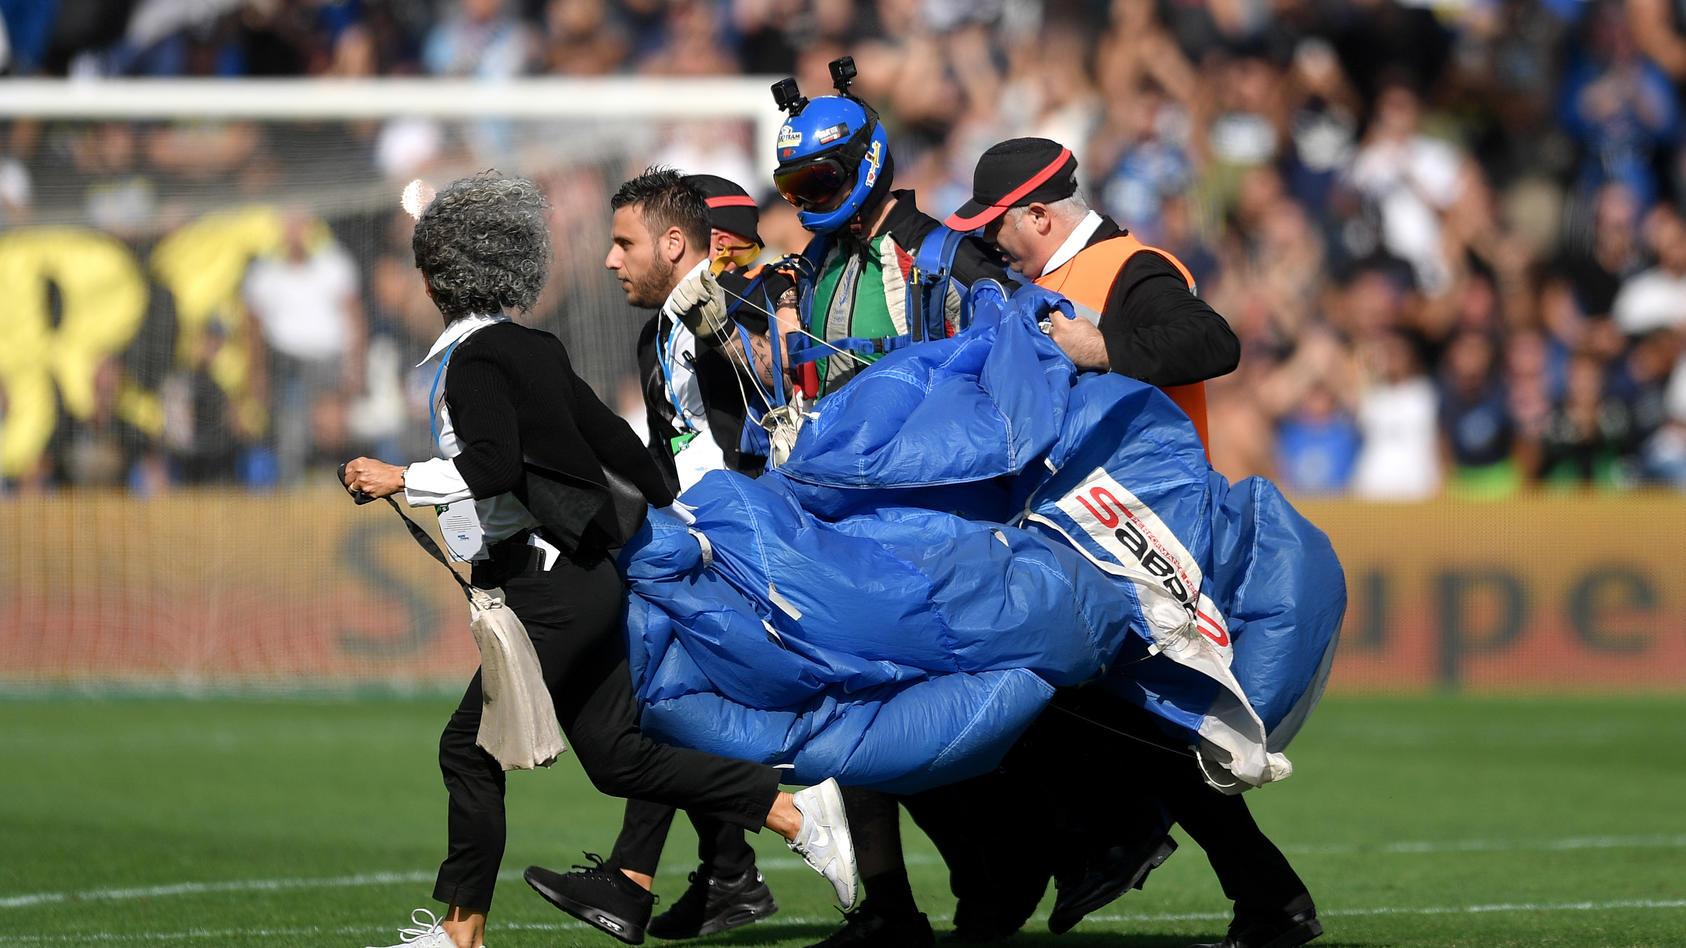 A pitch invader with parachute Reggio Emilia 20/10/2019 Stadio Citta del Tricolore Football Serie A 2019/2020 US Sassuo